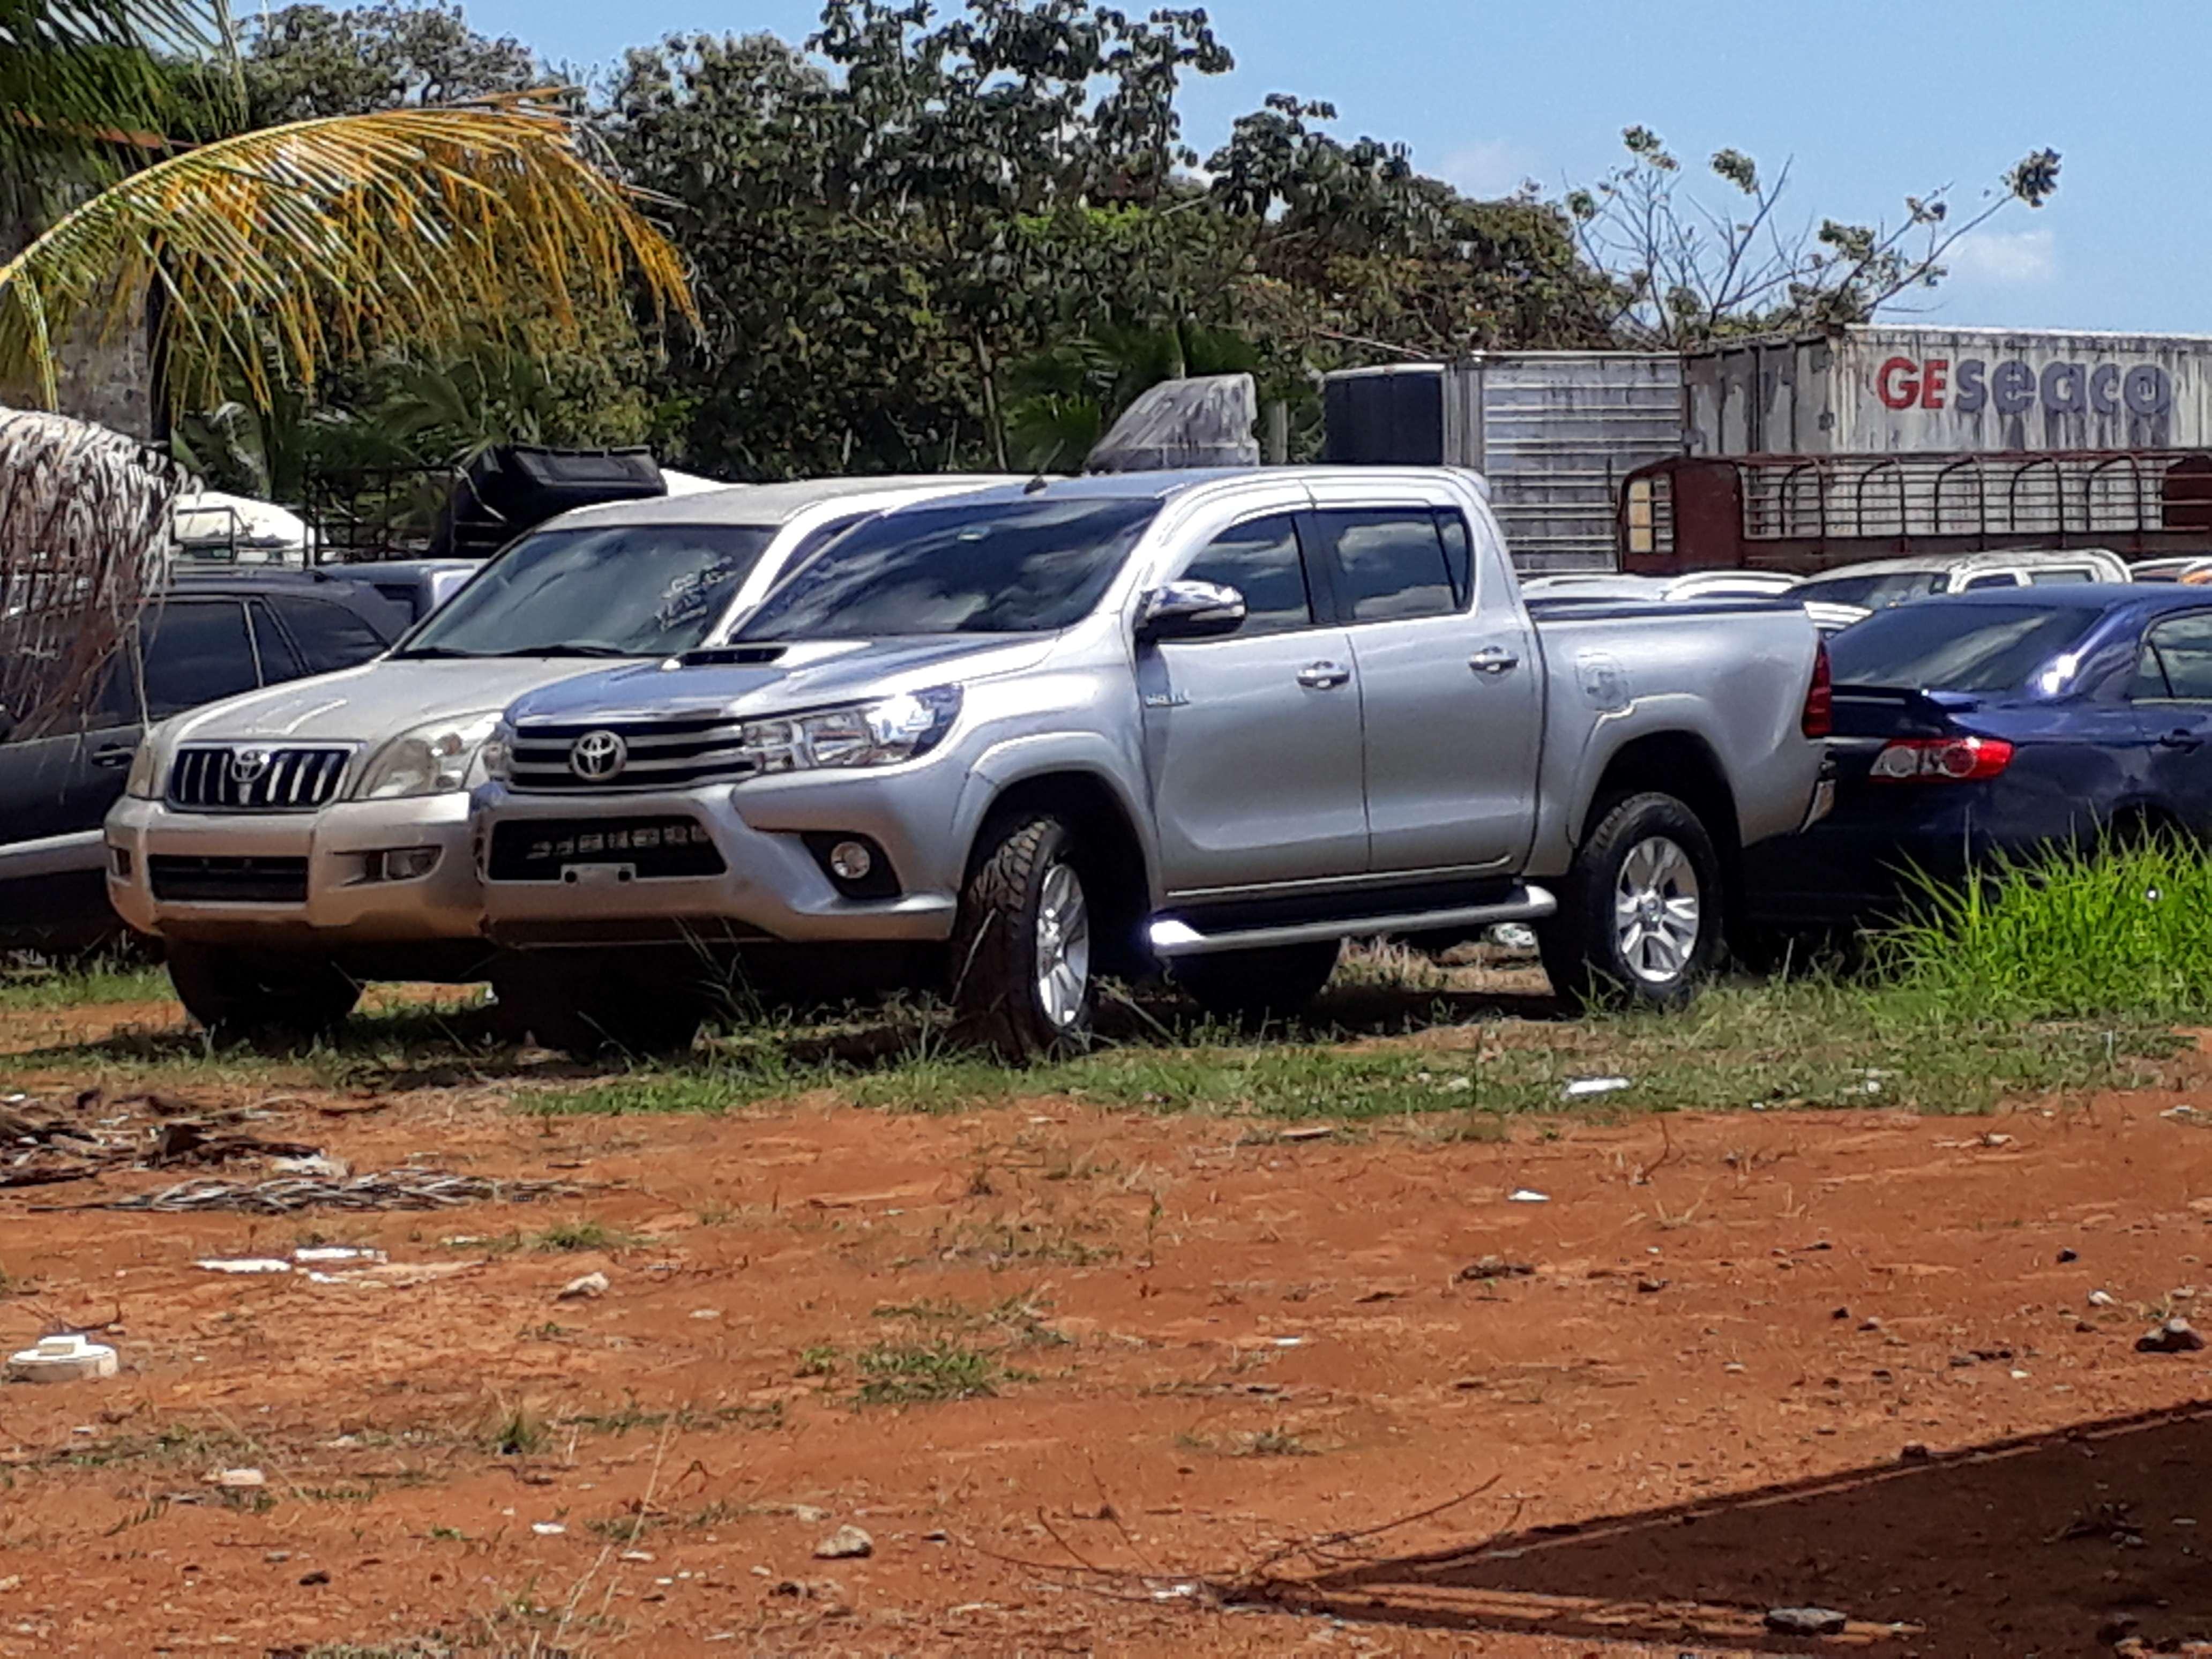 Automóvil en que fue detenido el cabo segundo del Senan con los dos maletines negros con 30 paquetes de cocaína cada uno. / Foto: José Vásquez